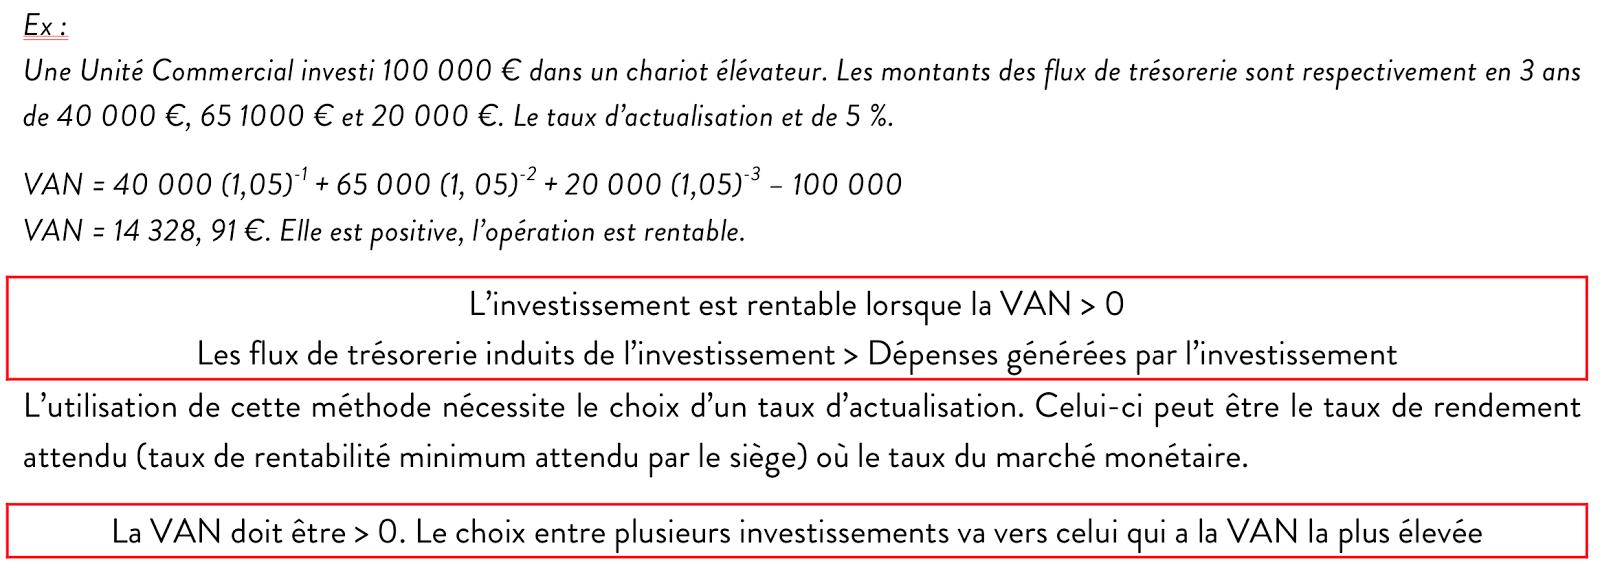 Chapitre 8 Les Investissements Et Leur Rentabilite Bts Muc2